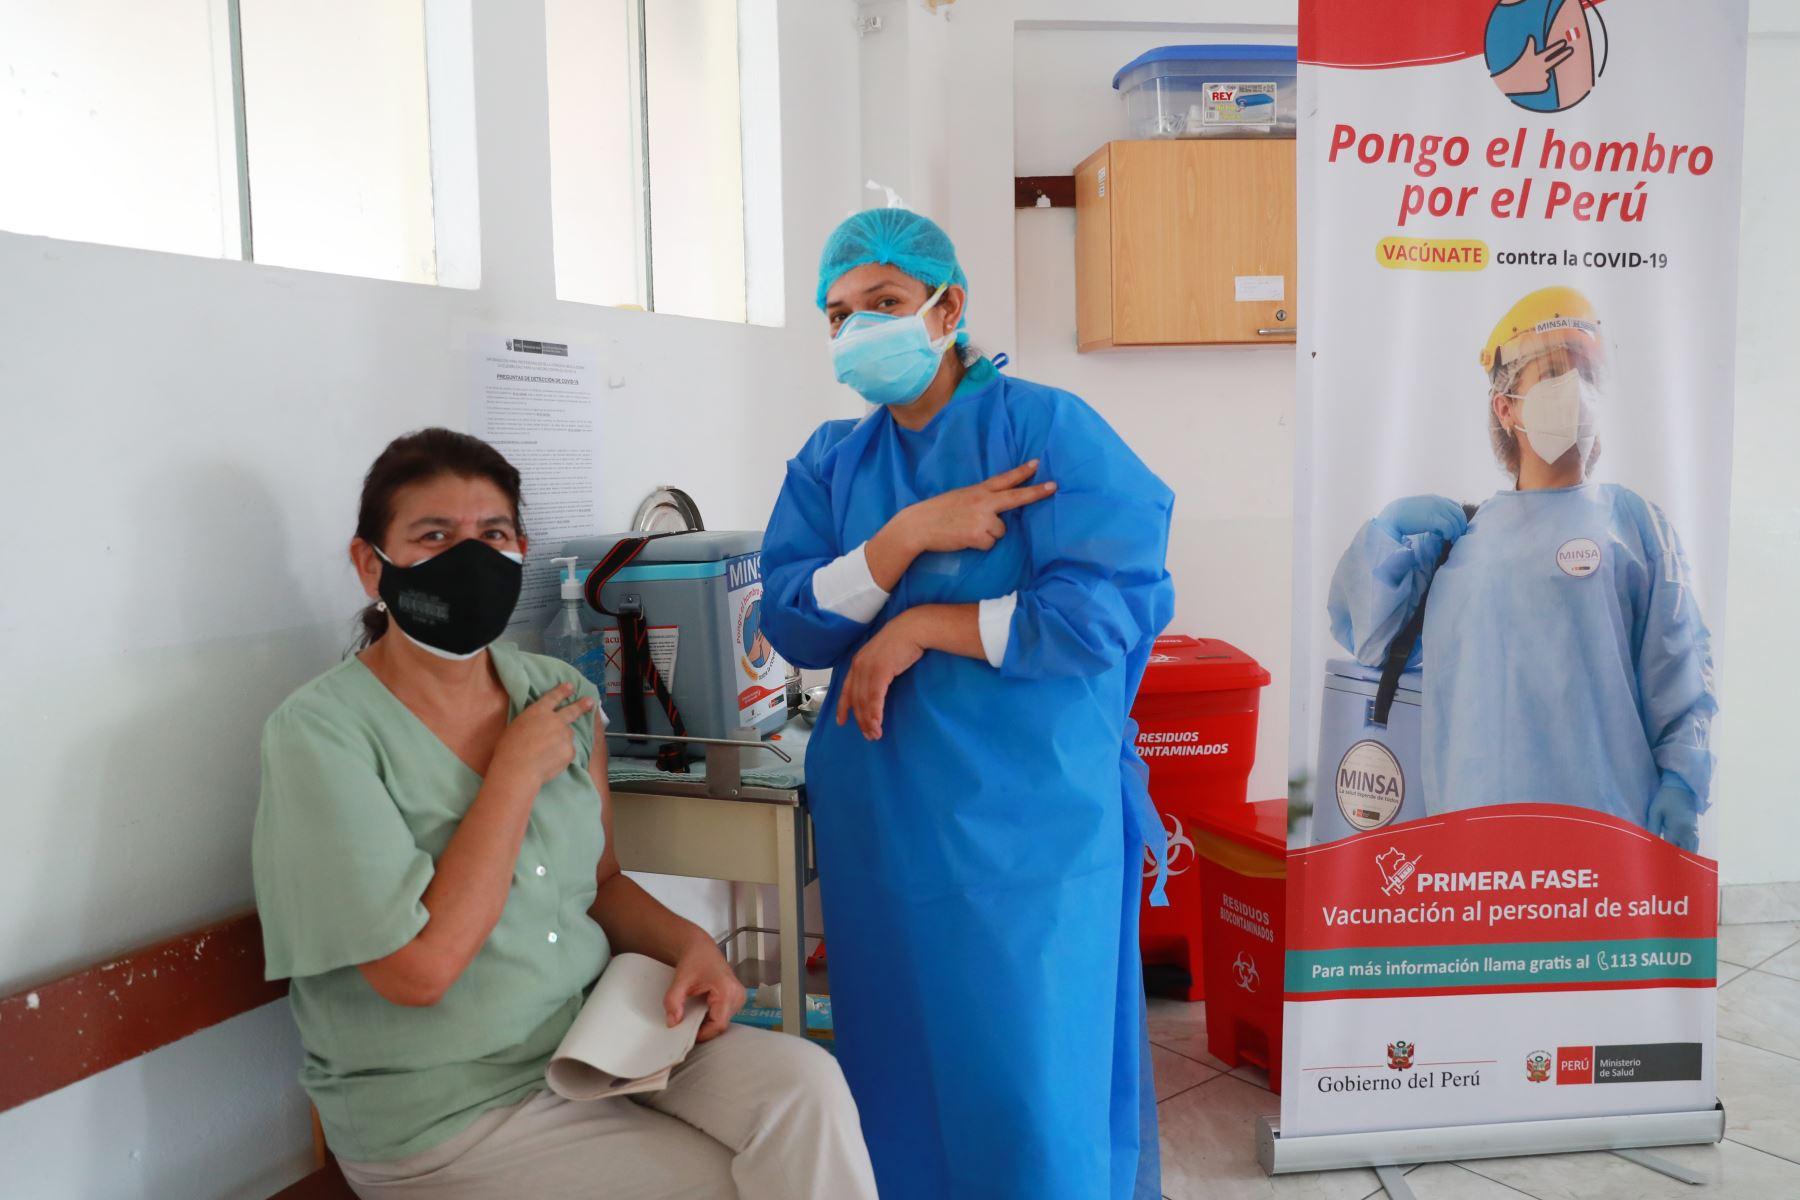 Personal de primera línea de las áreas de emergencia, unidad de cuidados intensivos, salas de operaciones y hospitalización del Hospital Nacional Arzobispo Loayza, completan su segunda vacuna contra el covid-19. Foto: ANDINA/Carla Patiño Ramírez